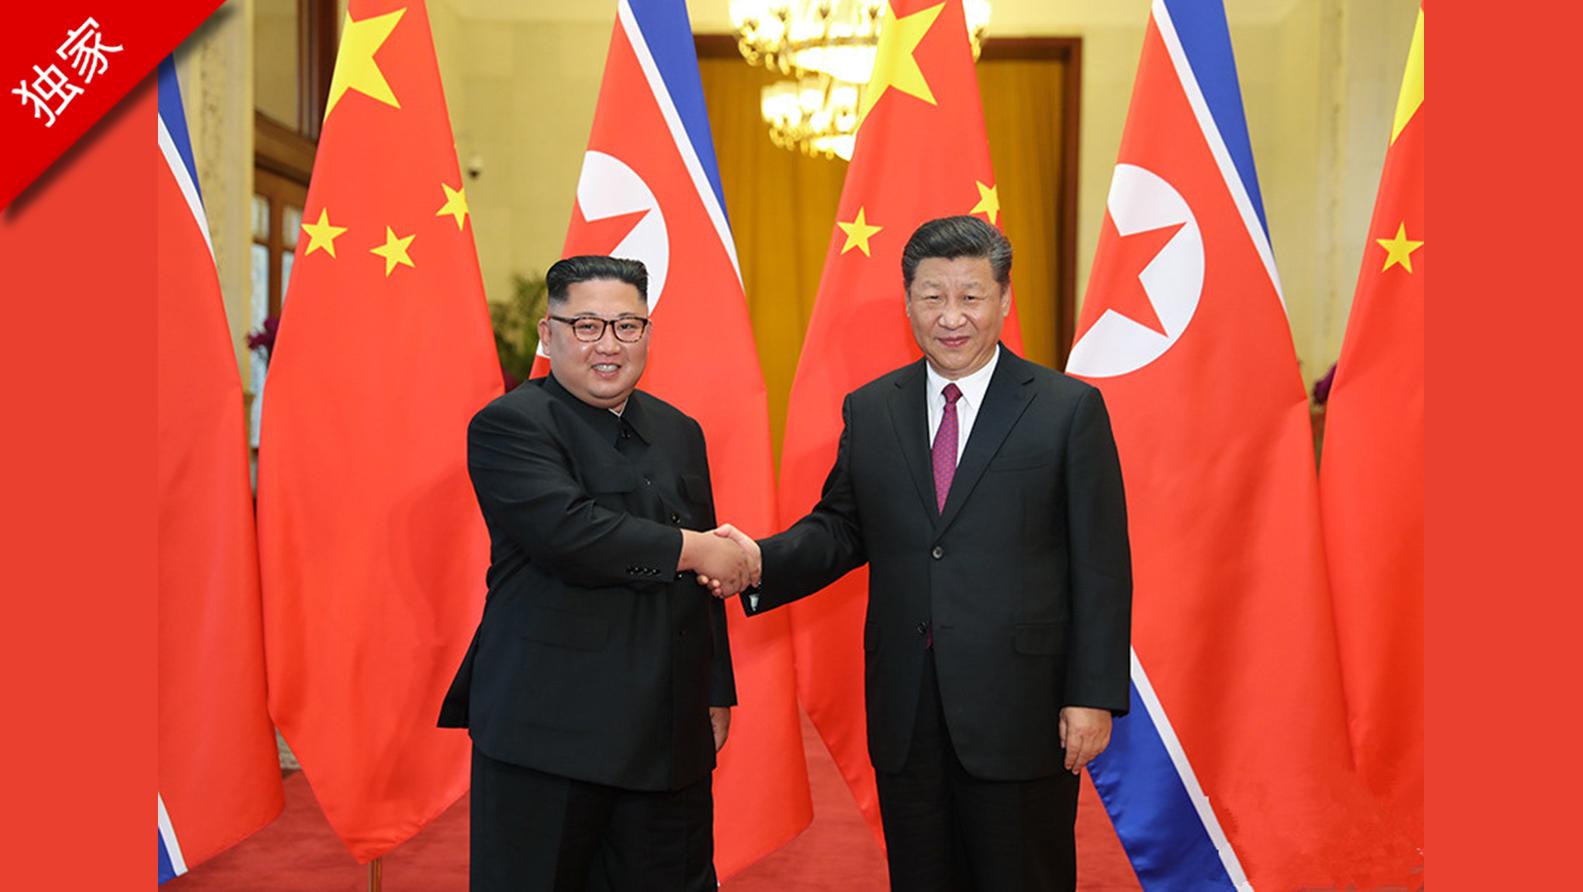 习近平同朝鲜劳动党委员长金正恩举行会谈